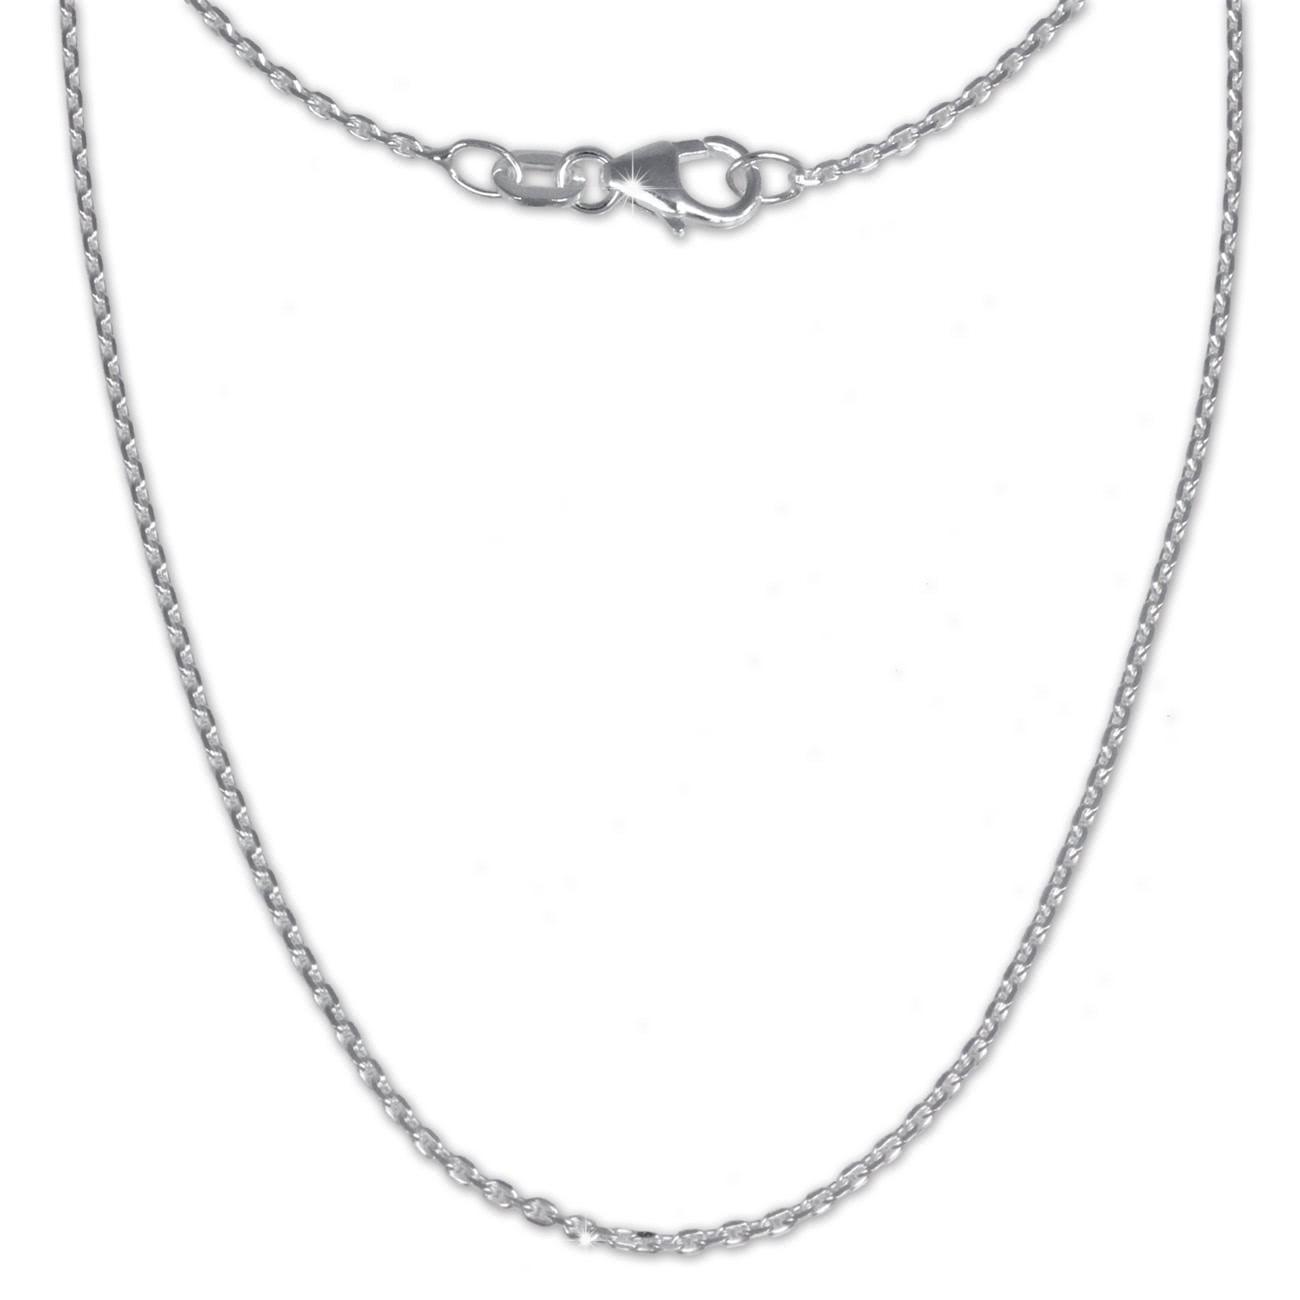 SilberDream Ankerkette fein 925er Silber Halskette 45cm Kette SDK21145